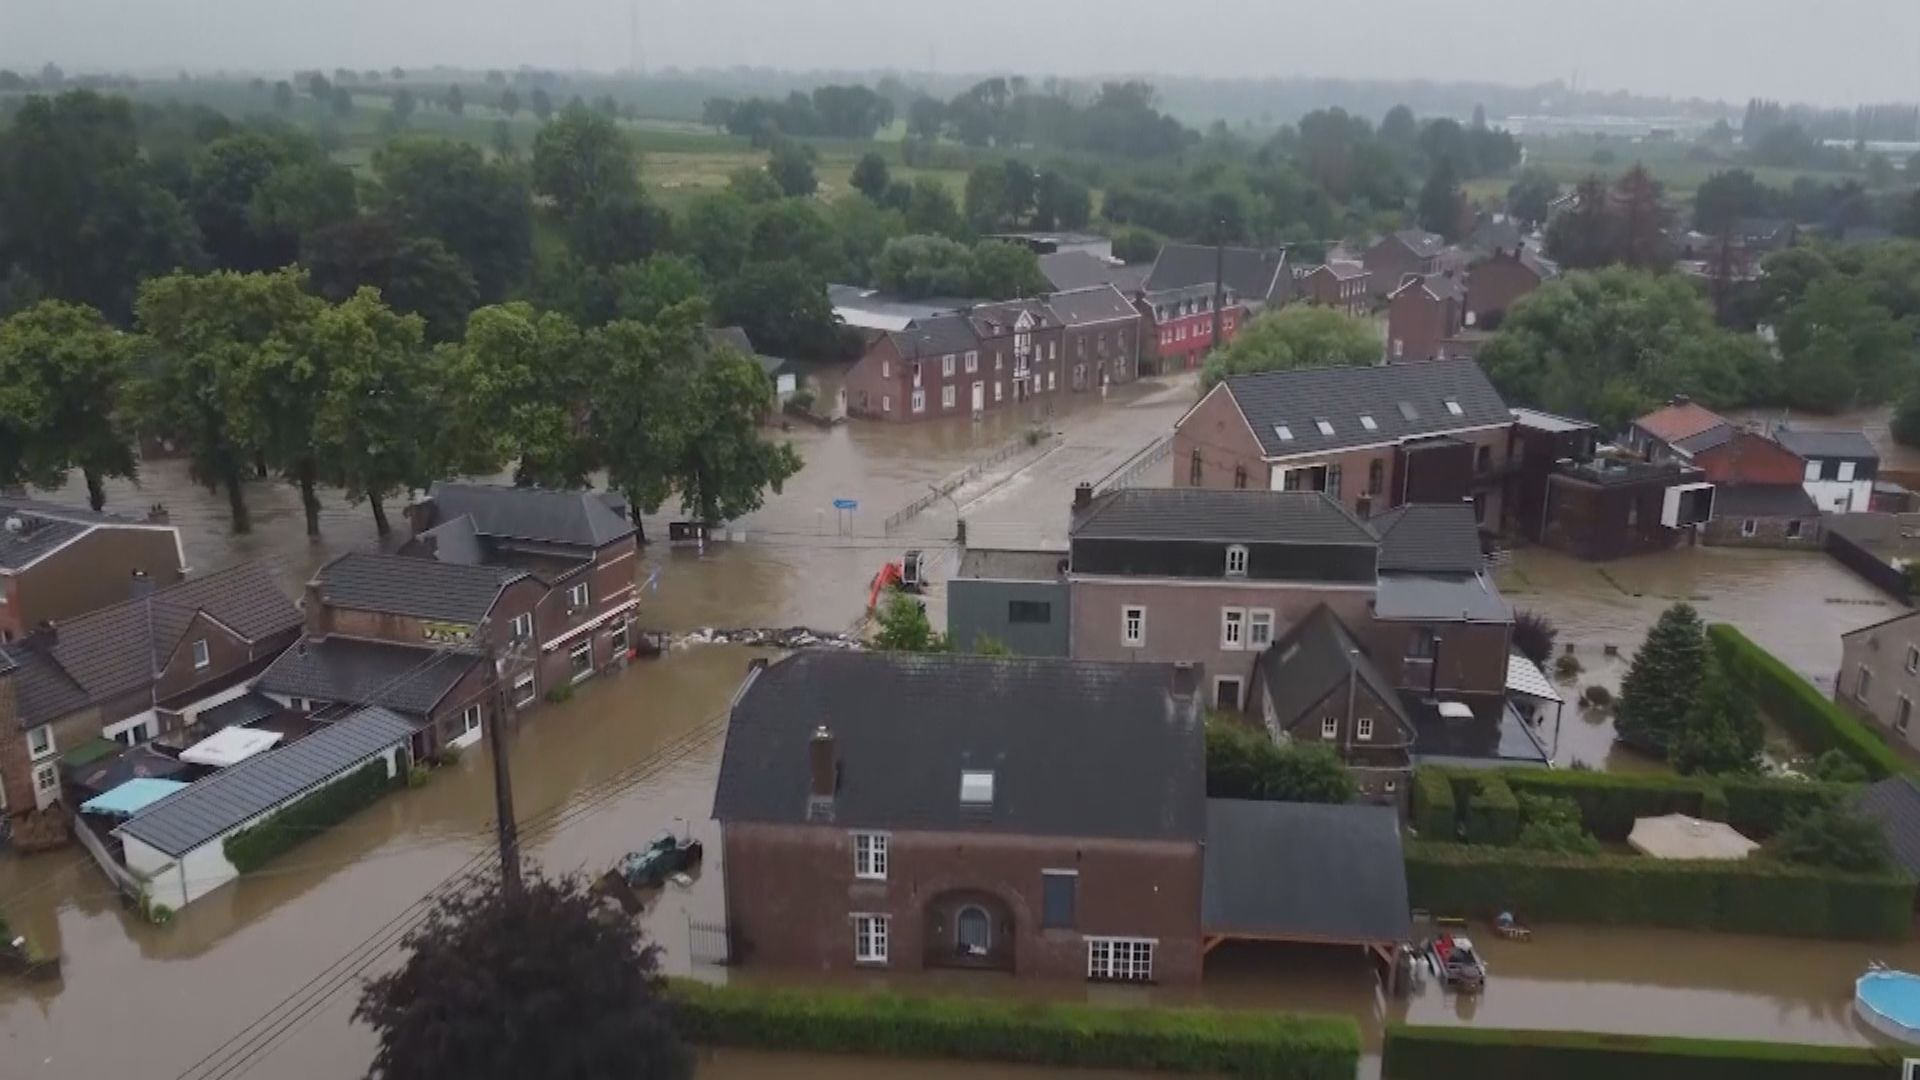 德國暴雨引發洪水和山泥傾瀉 鄰國比利時亦受洪水侵襲